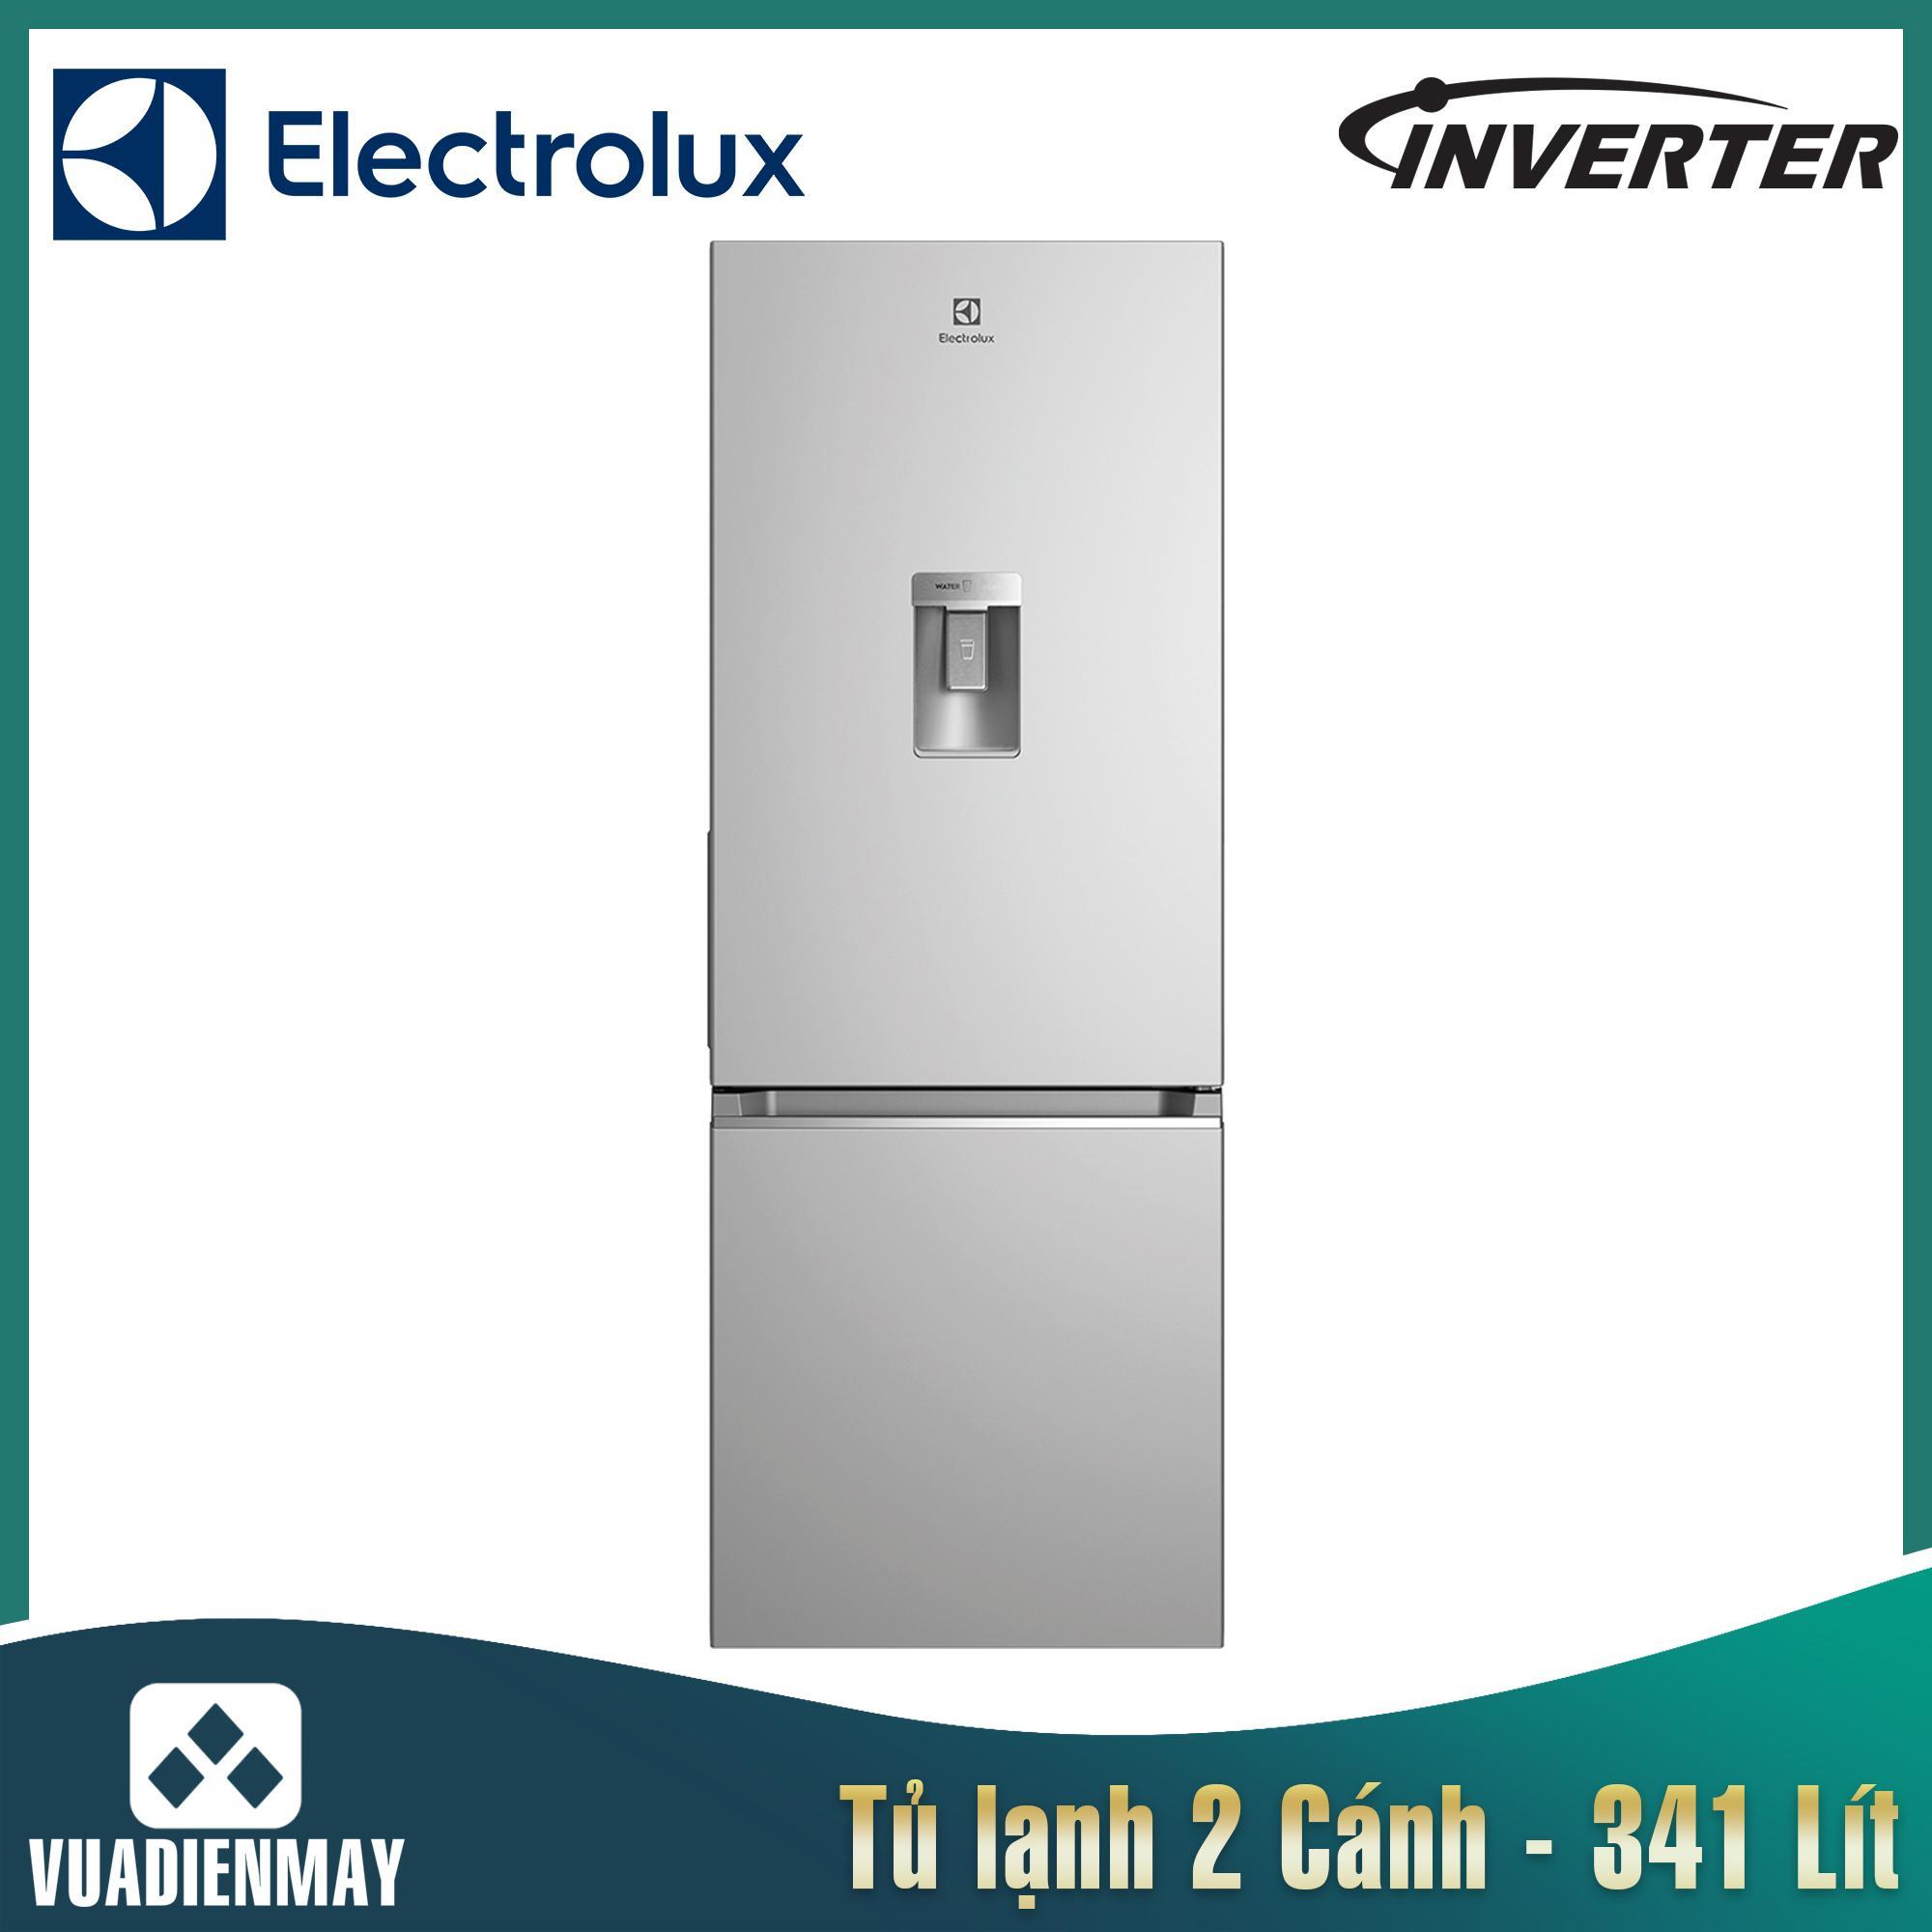 Tủ lạnh Electrolux Inverter 341L màu bạc